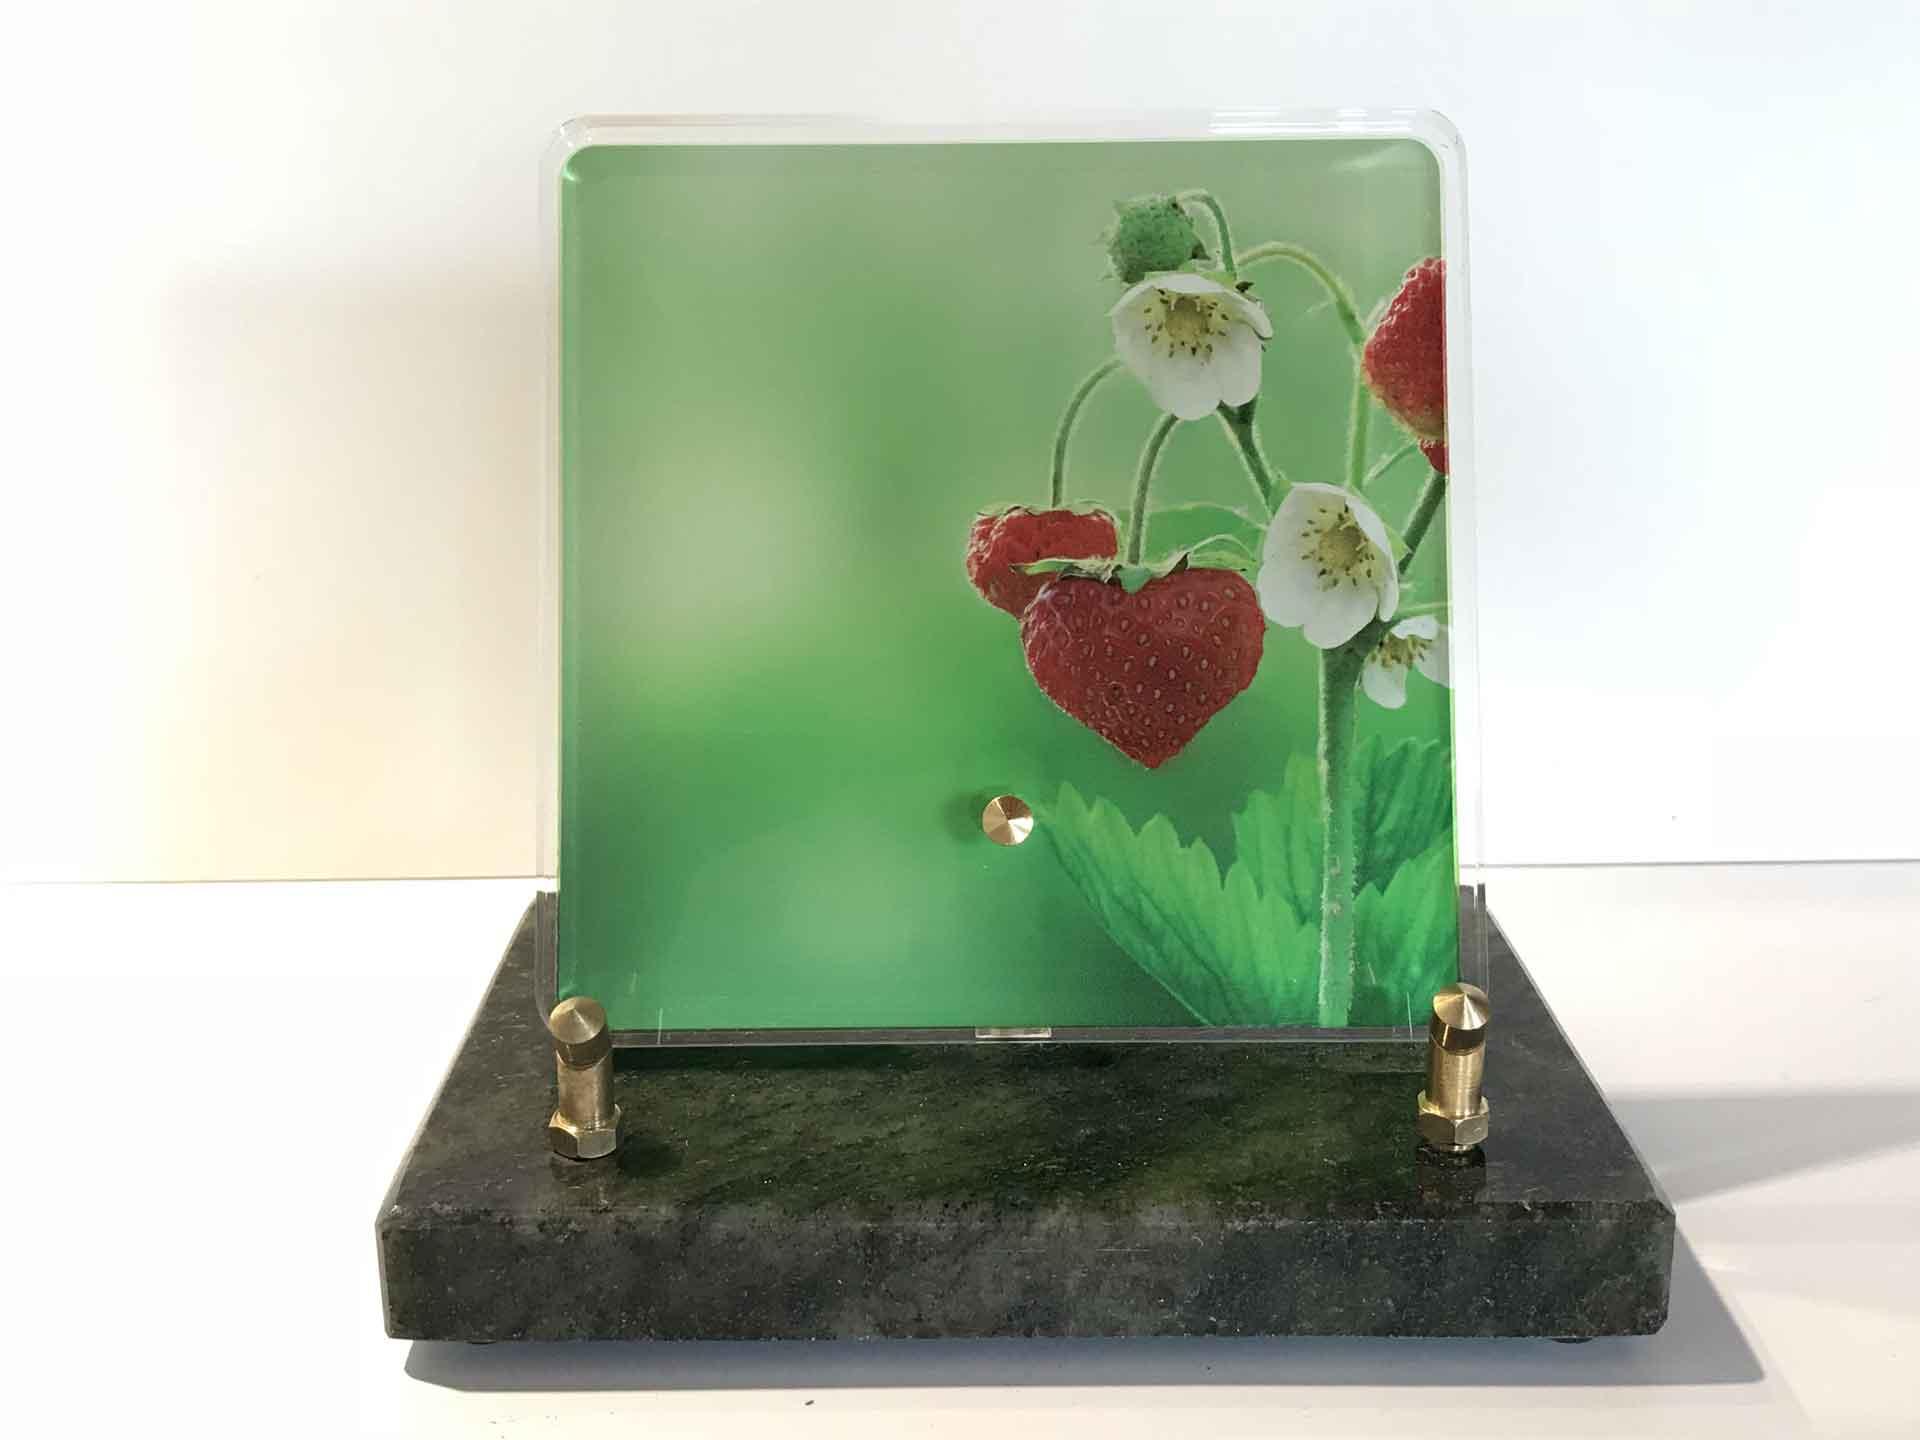 Plaque Altuglas - Modèle n°1 décor nature - Fraisier en fleurs et fraises en forme de cœur